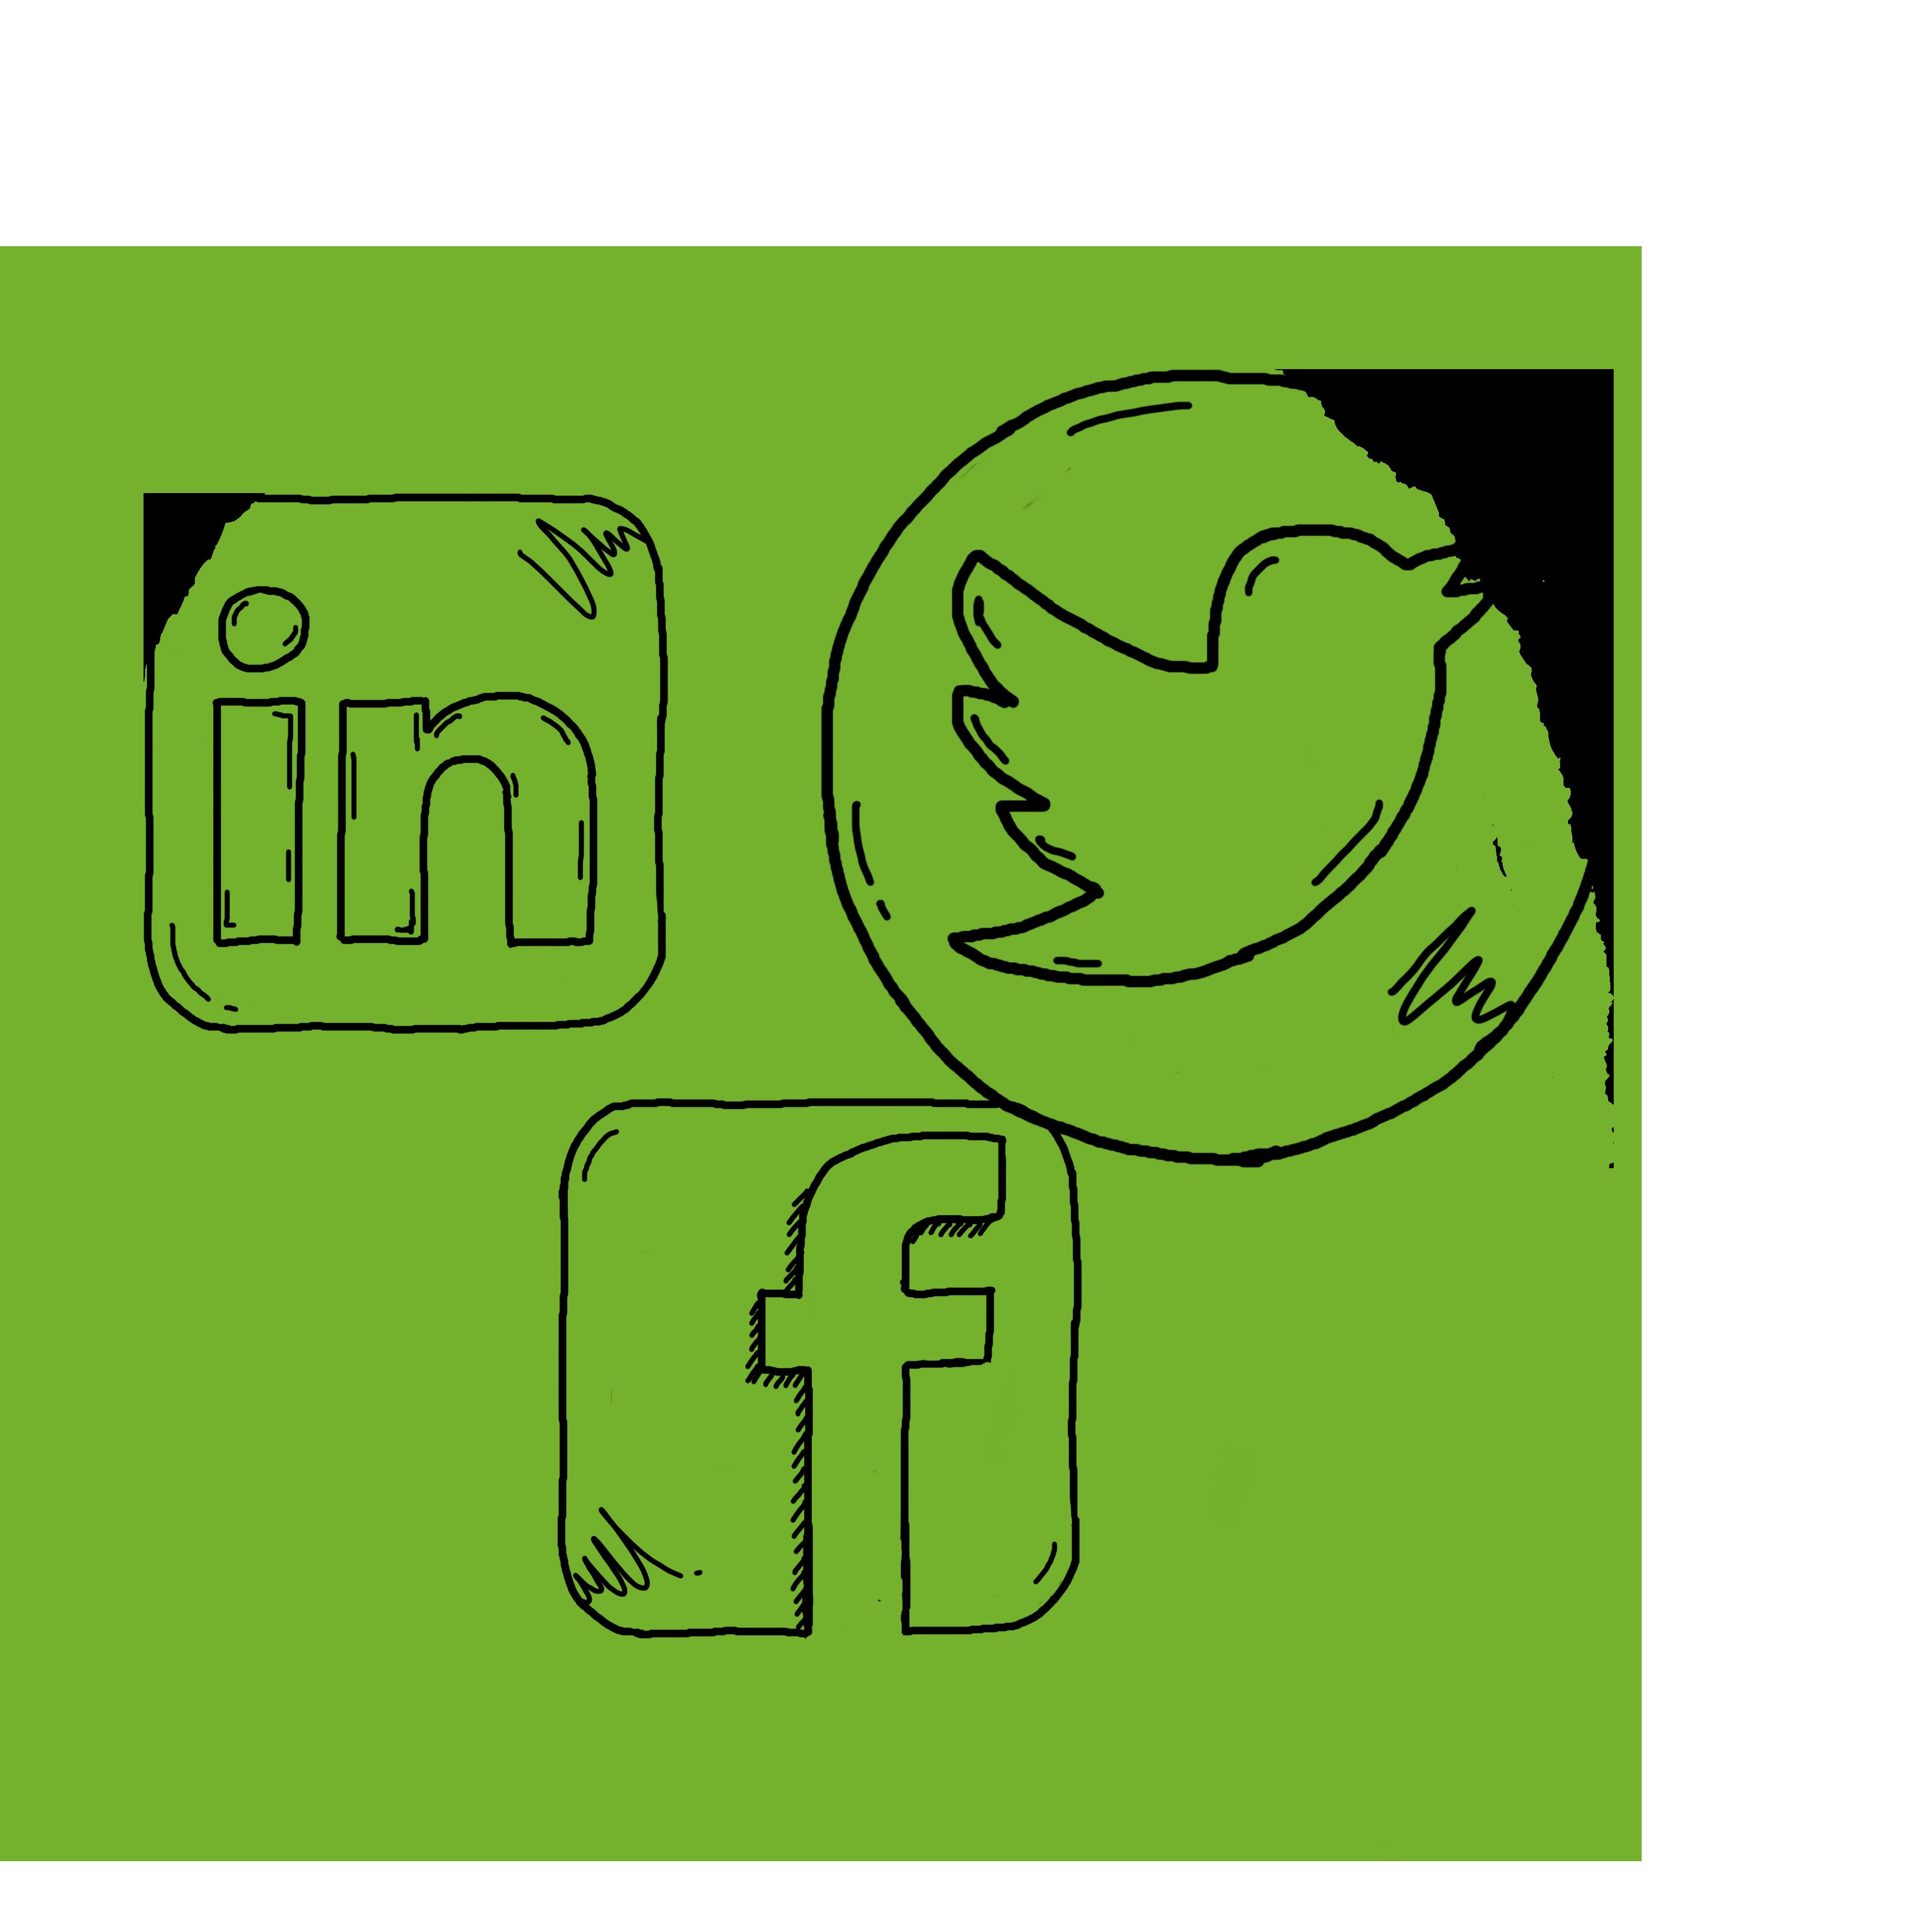 Green social media circle